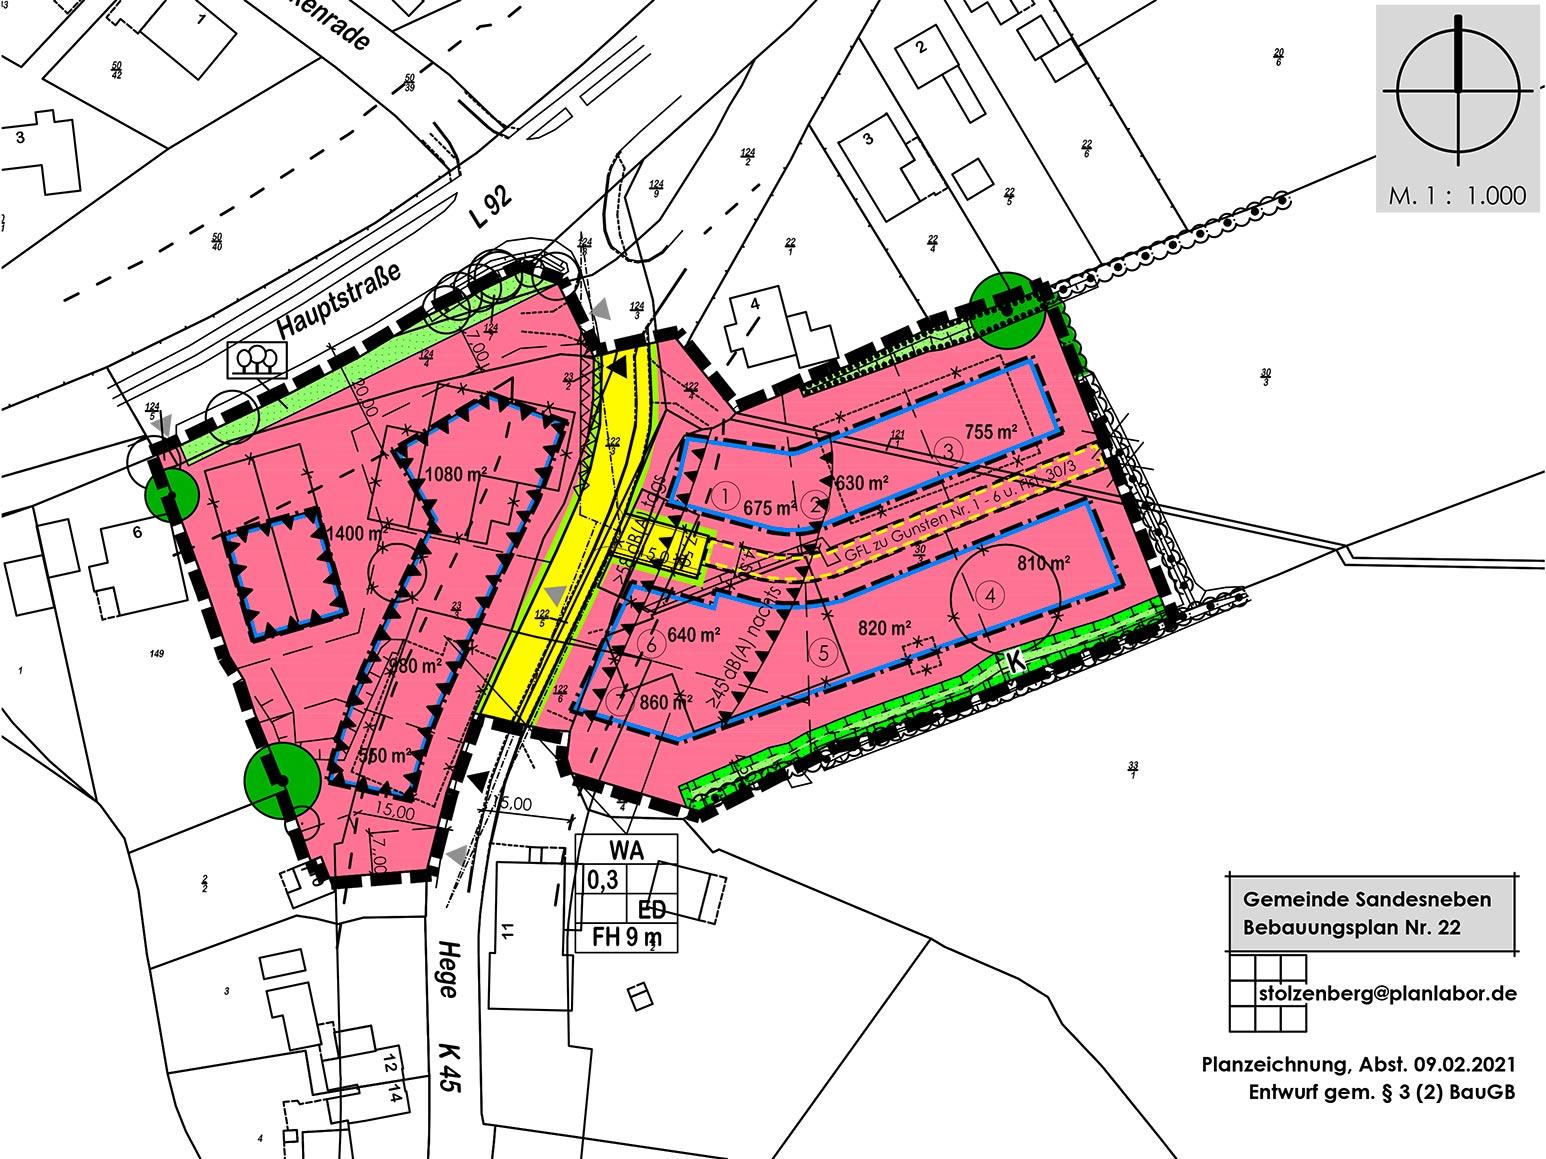 Bebauungsplan Gemeinde Sandesneben in Schleswig Holstein